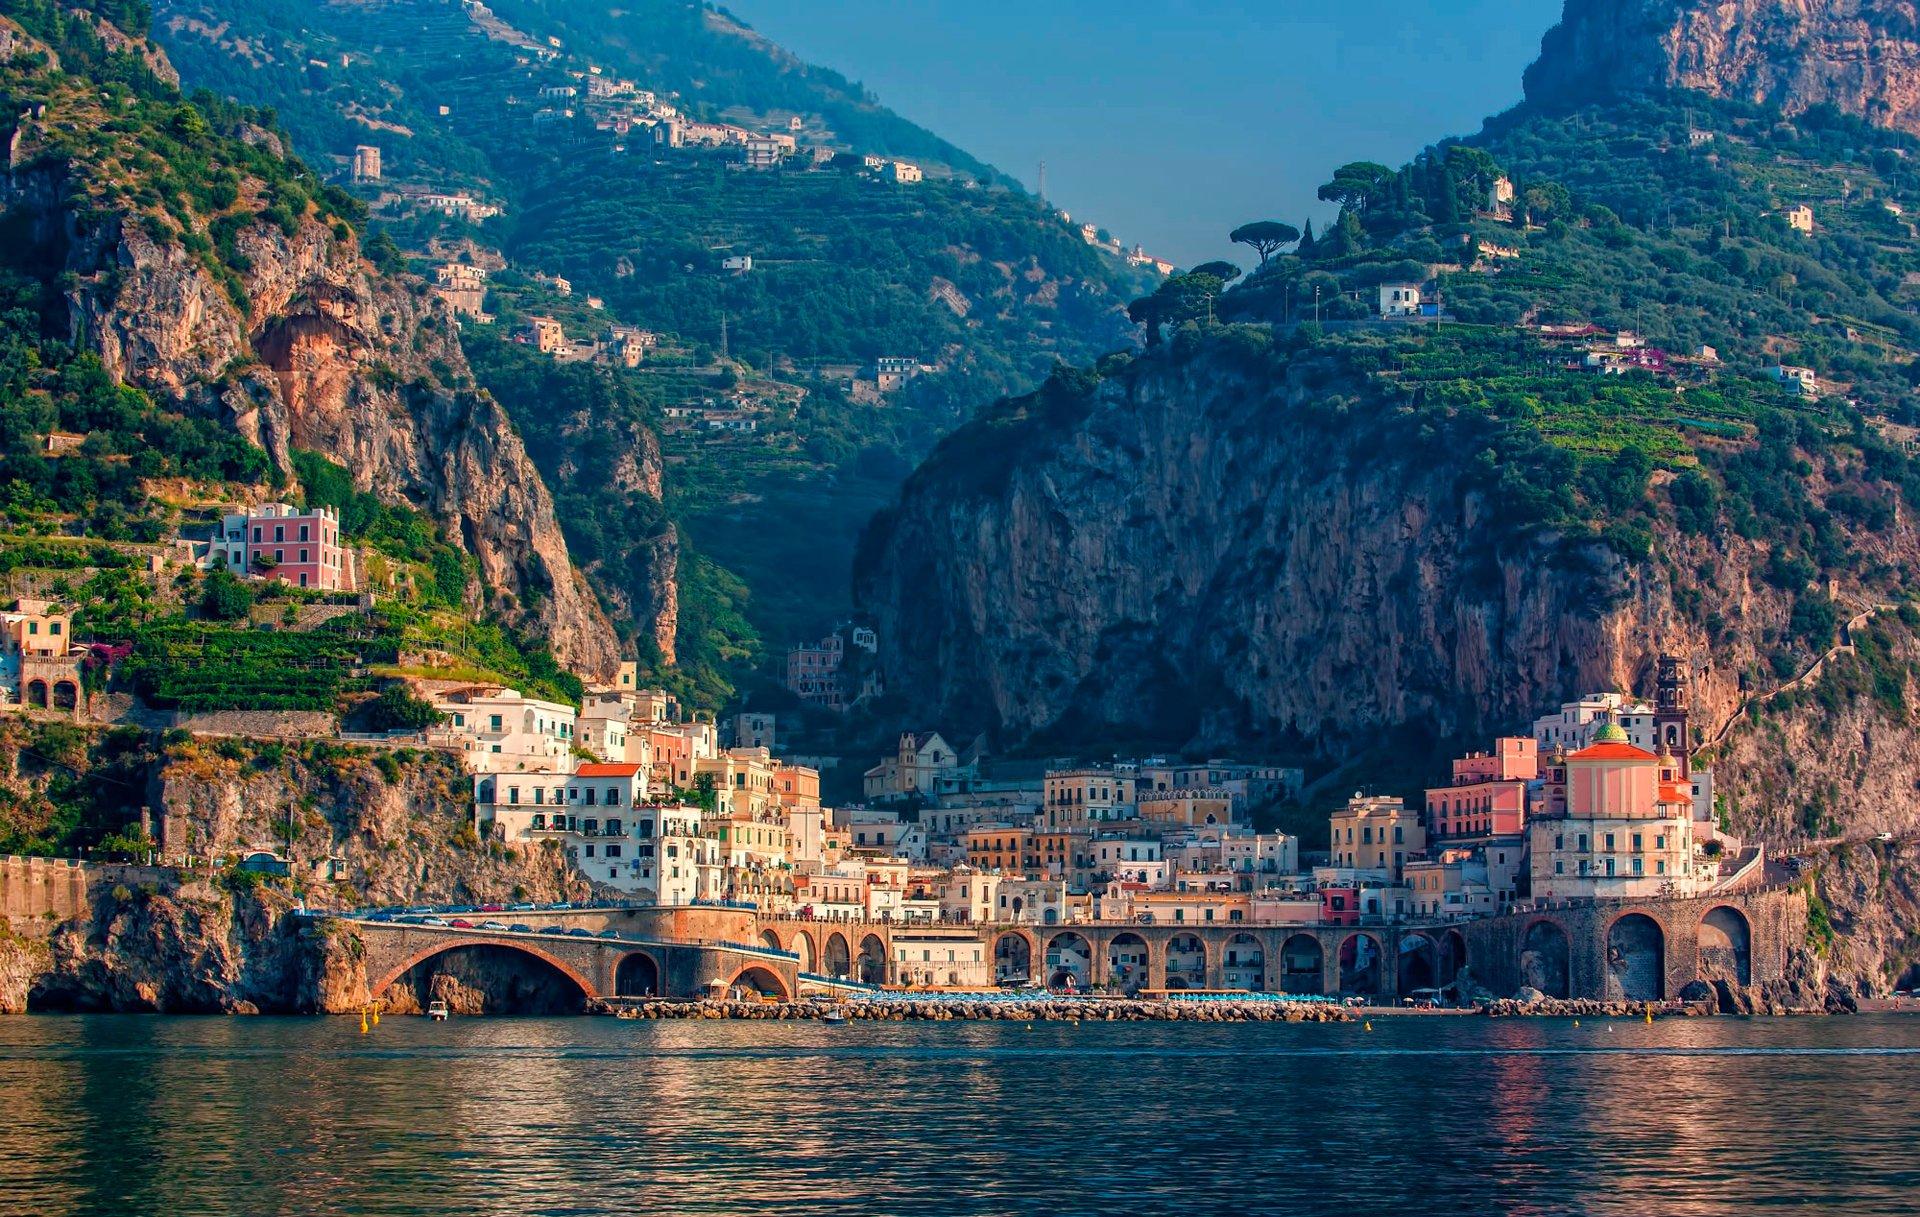 италия картинки море количество различных цветов